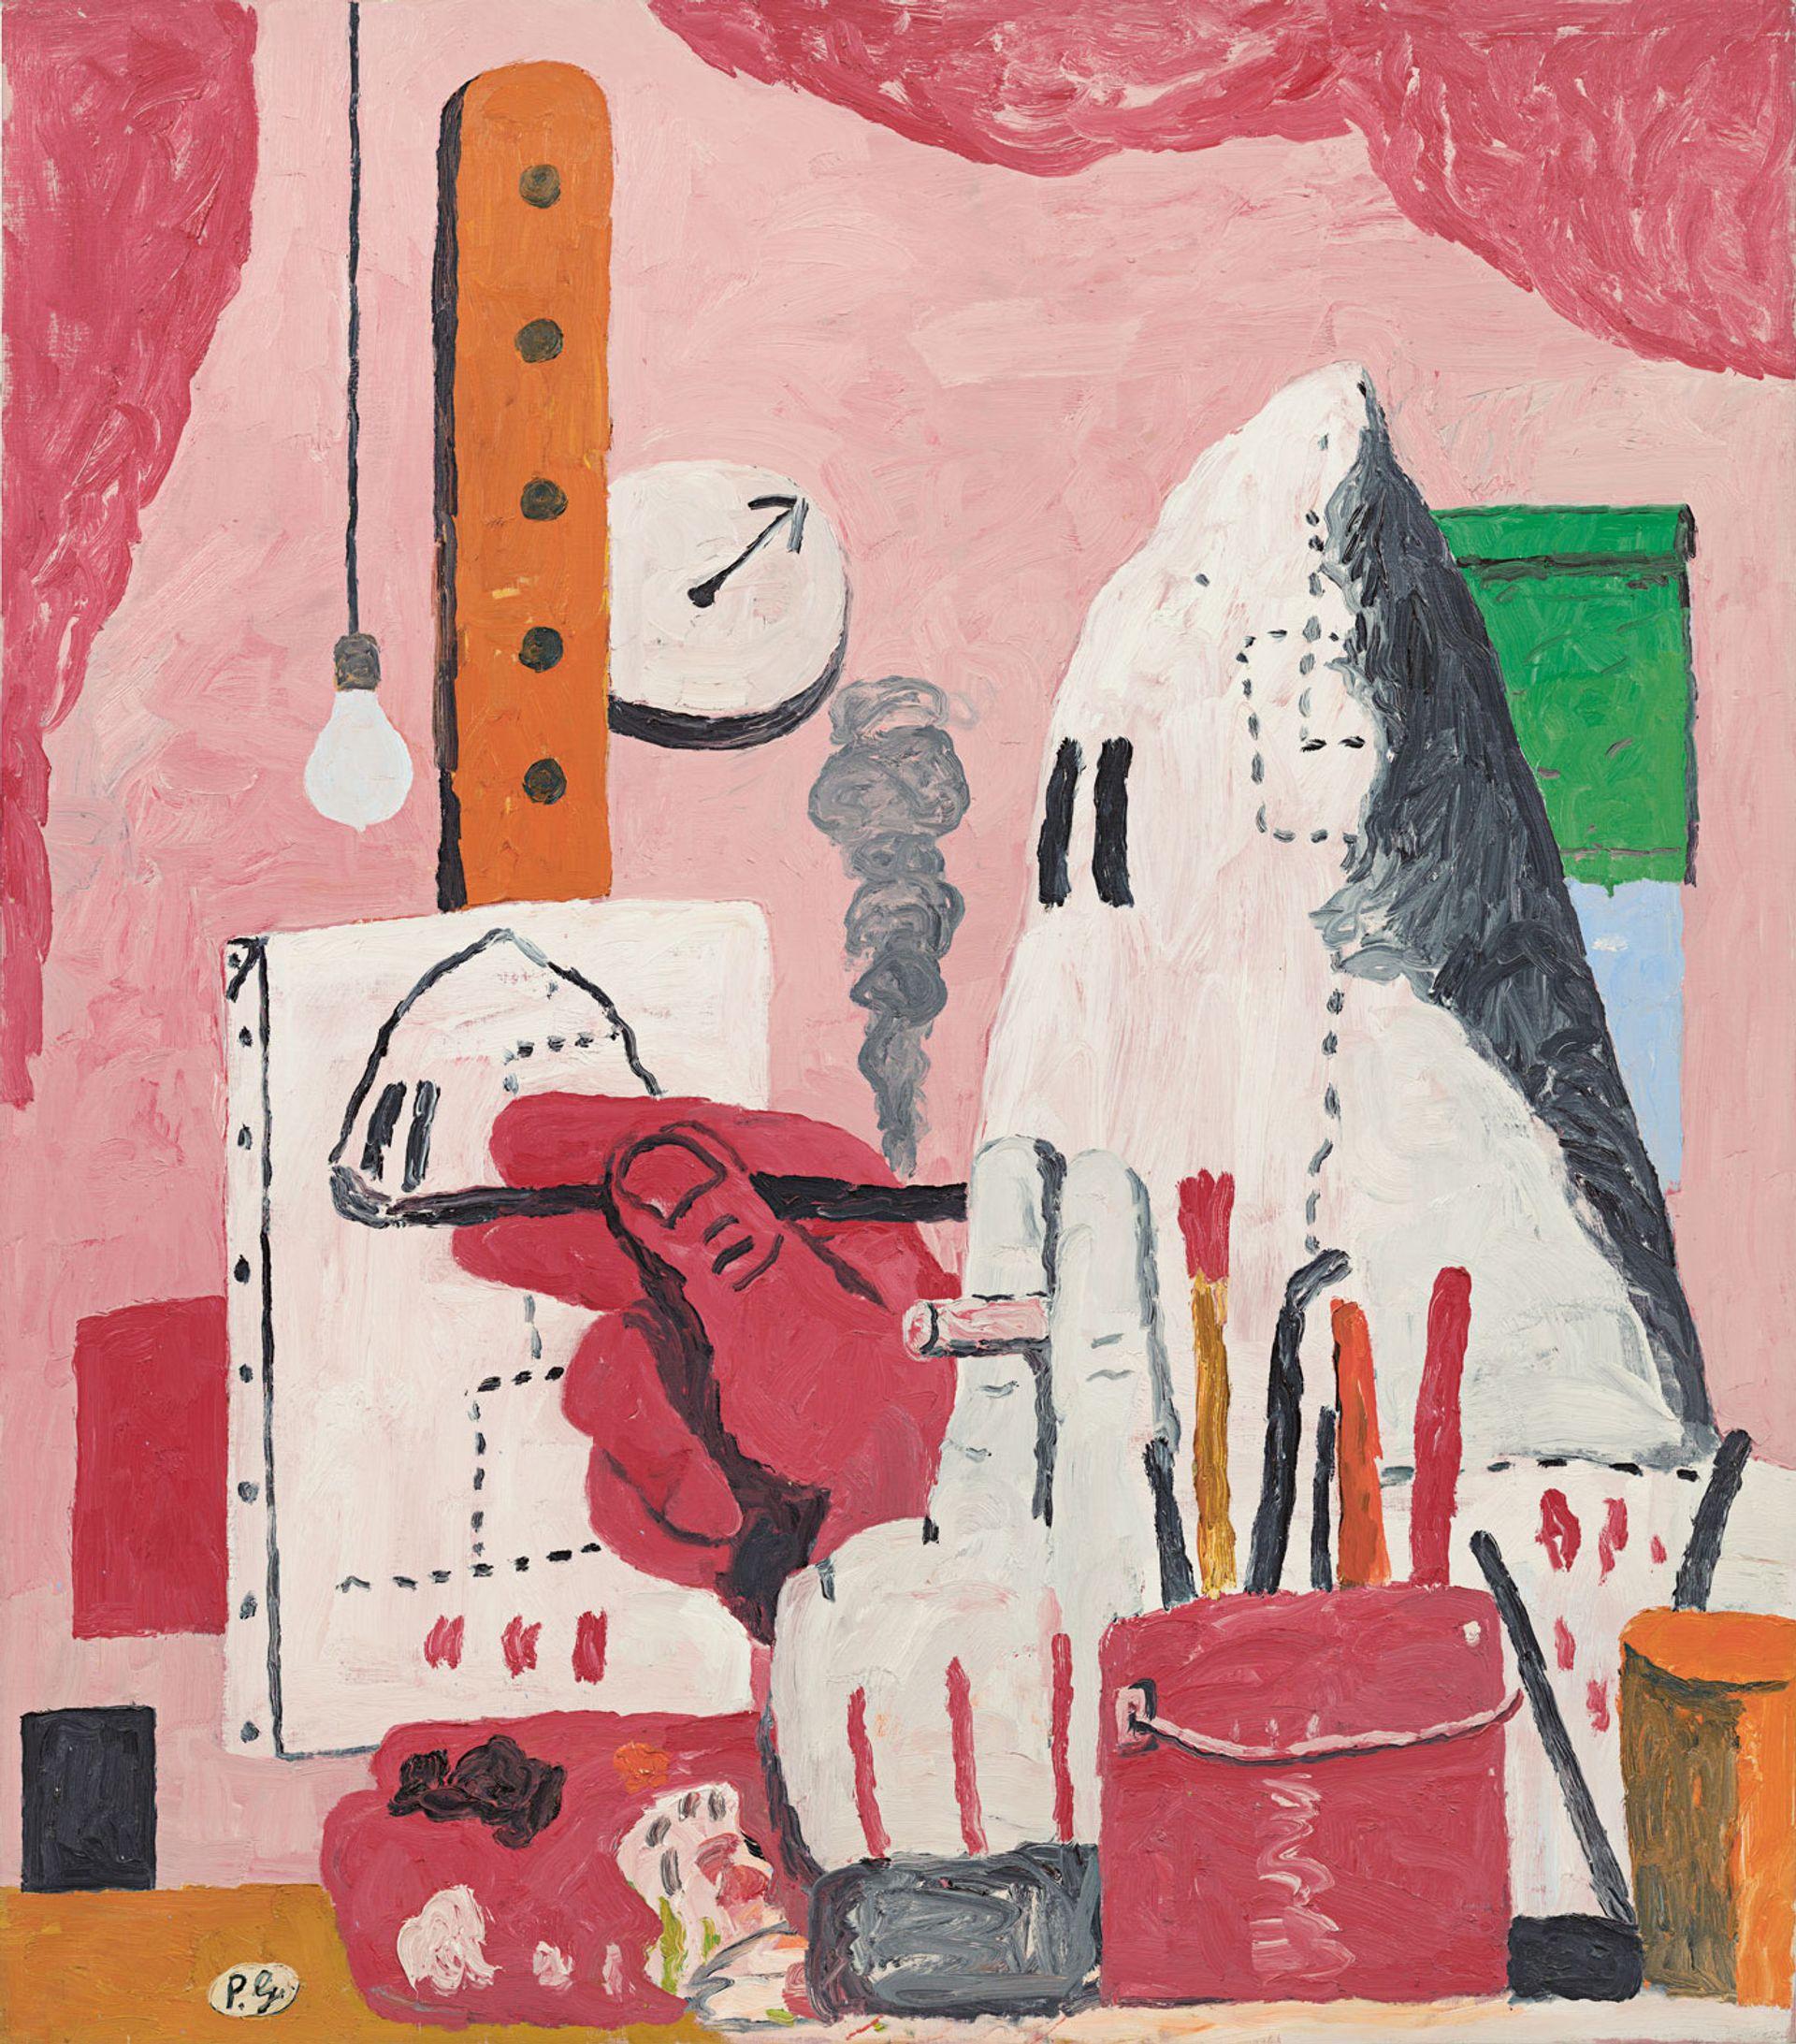 Philip Guston's The Studio (1969) ©The Estate of Philip Guston